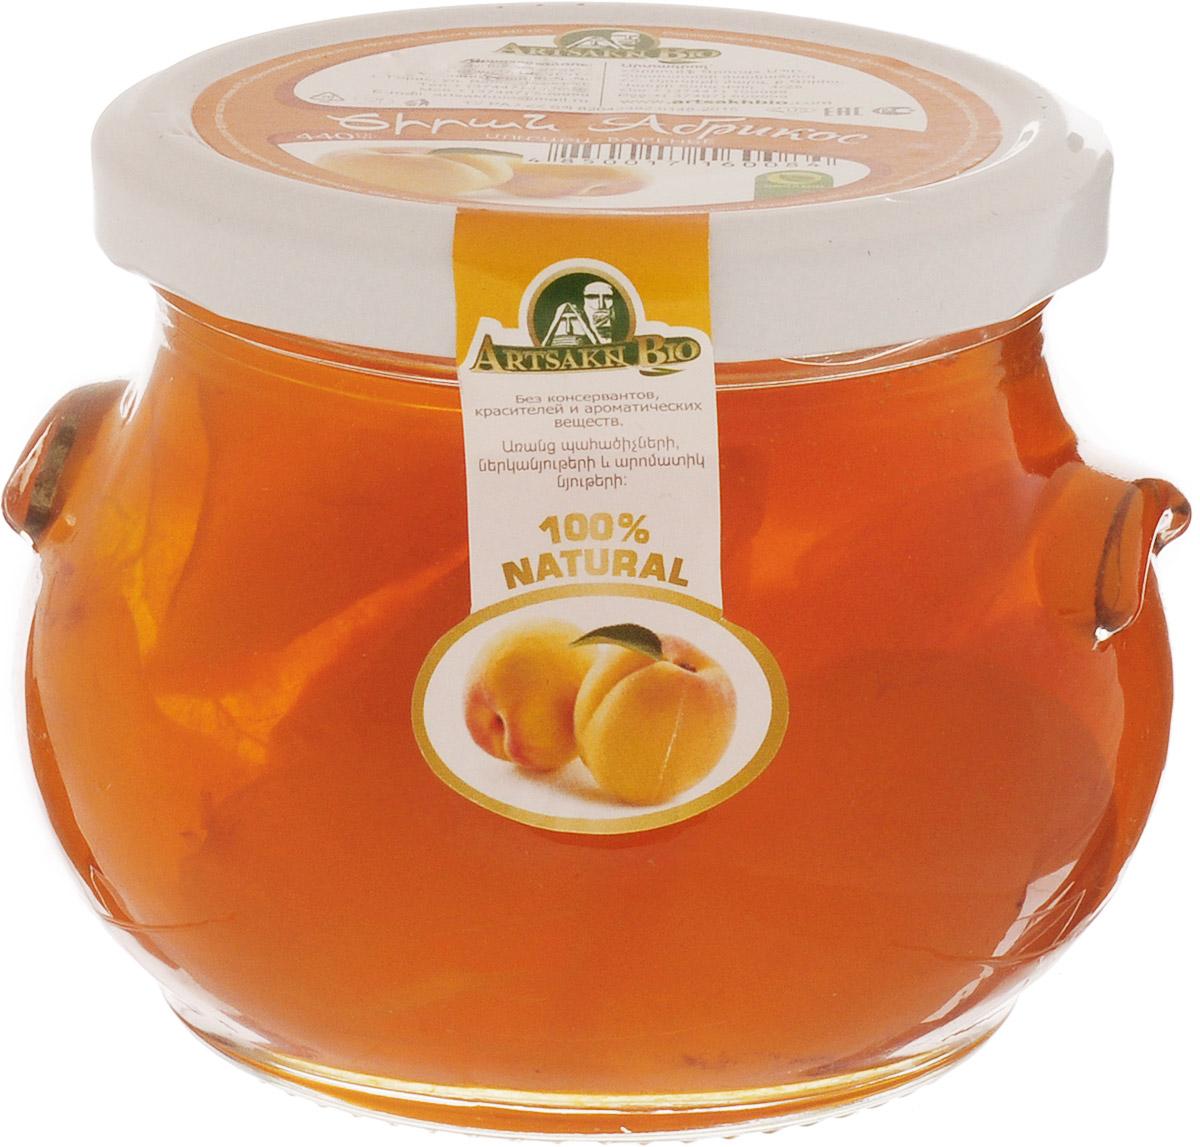 Artsakh Bio варенье из абрикоса, 440 г130211020005Варенье из абрикоса полезно для сердечно-сосудистой системы. Оно улучшает обмен веществ и пищеварение. Абрикосы показаны при желудочных заболеваниях и нарушении обмена веществ. Они мягко, но надолго возбуждают железистый аппарат желудка и нормализуют кислотность желудочного сока, что приводит в норму деятельность поджелудочной железы, а в силу этого улучшается работа печени и желчного пузыря.